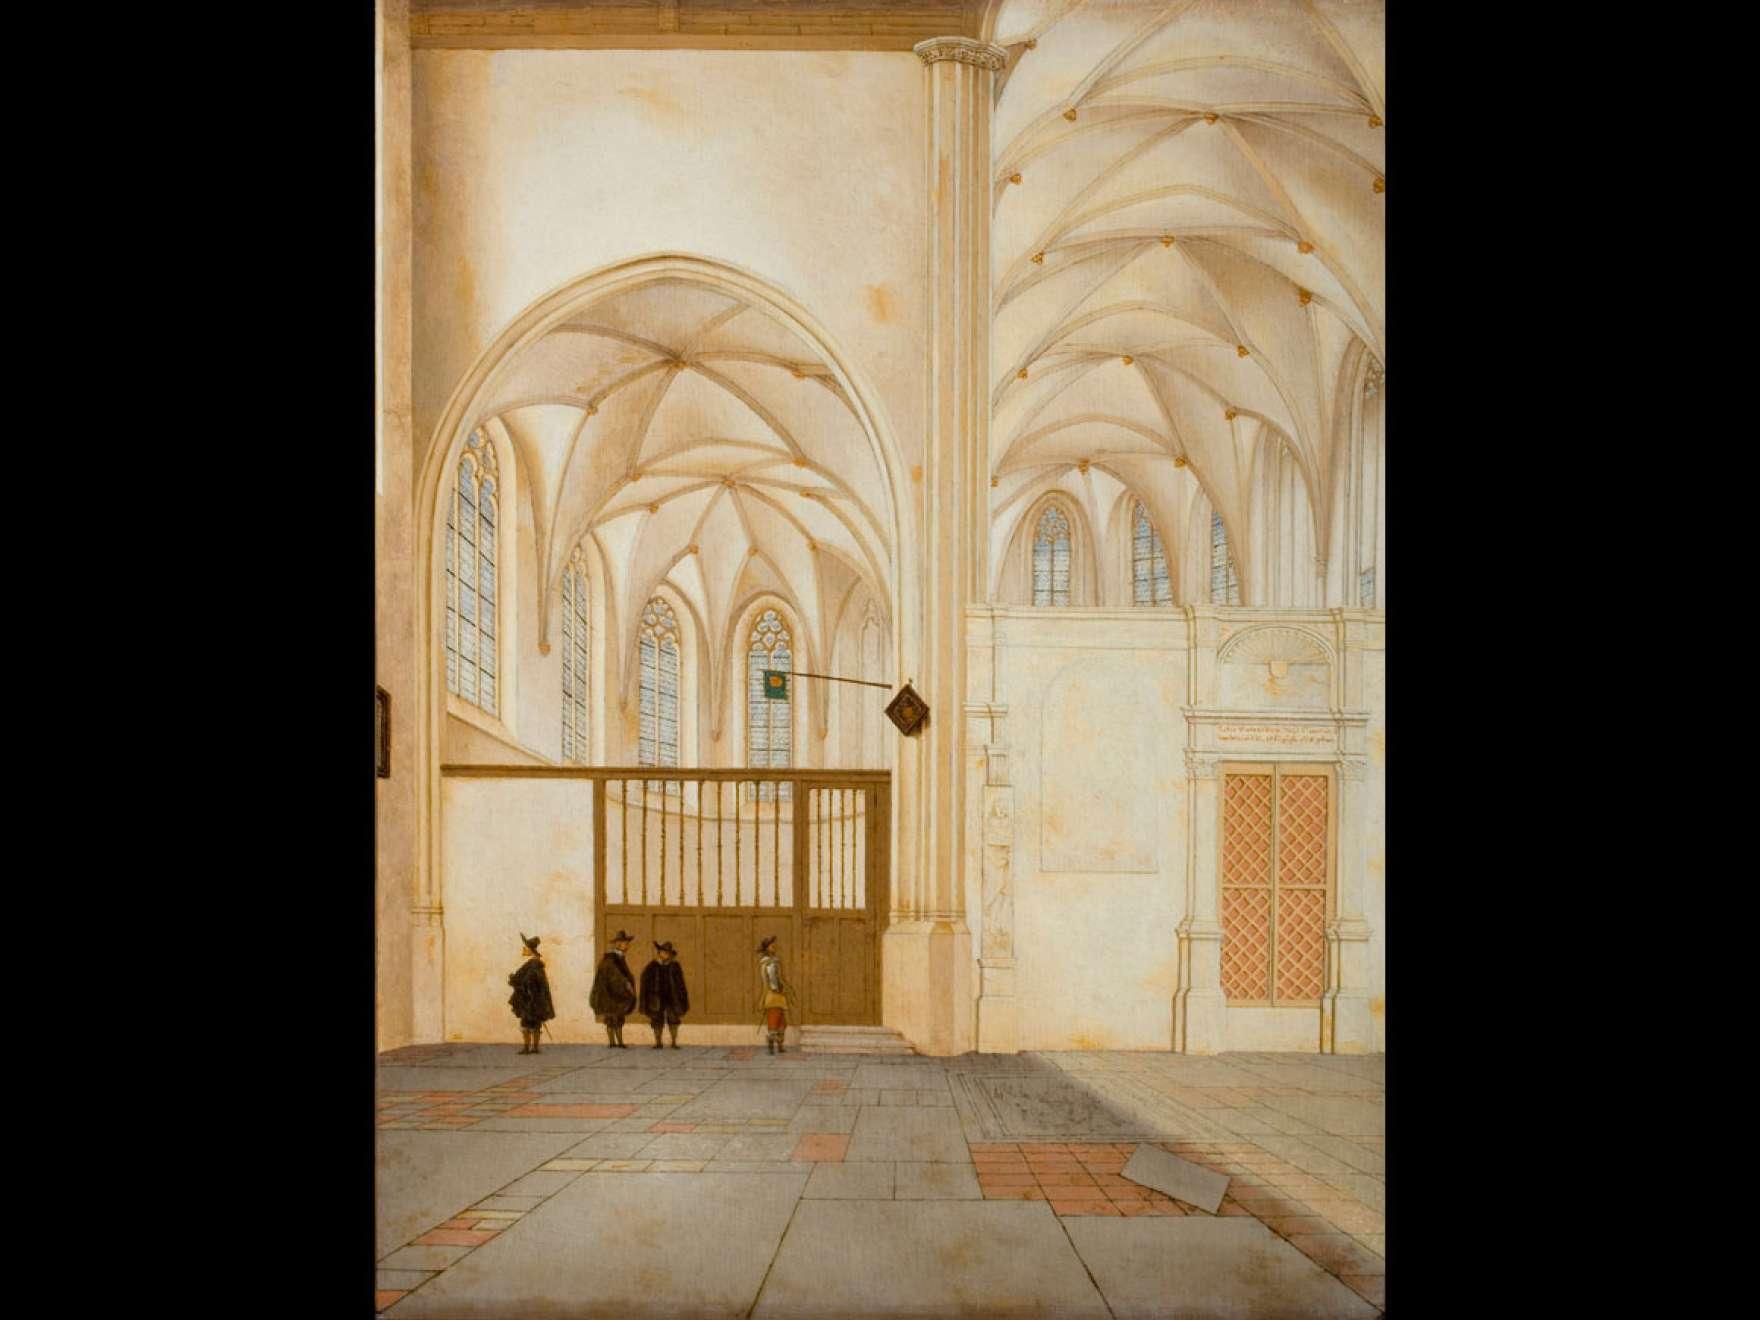 Pieter Jansz. Saenredam's painting, The North Transept and Choir Chapel of Sint Janskerk, Utrecht